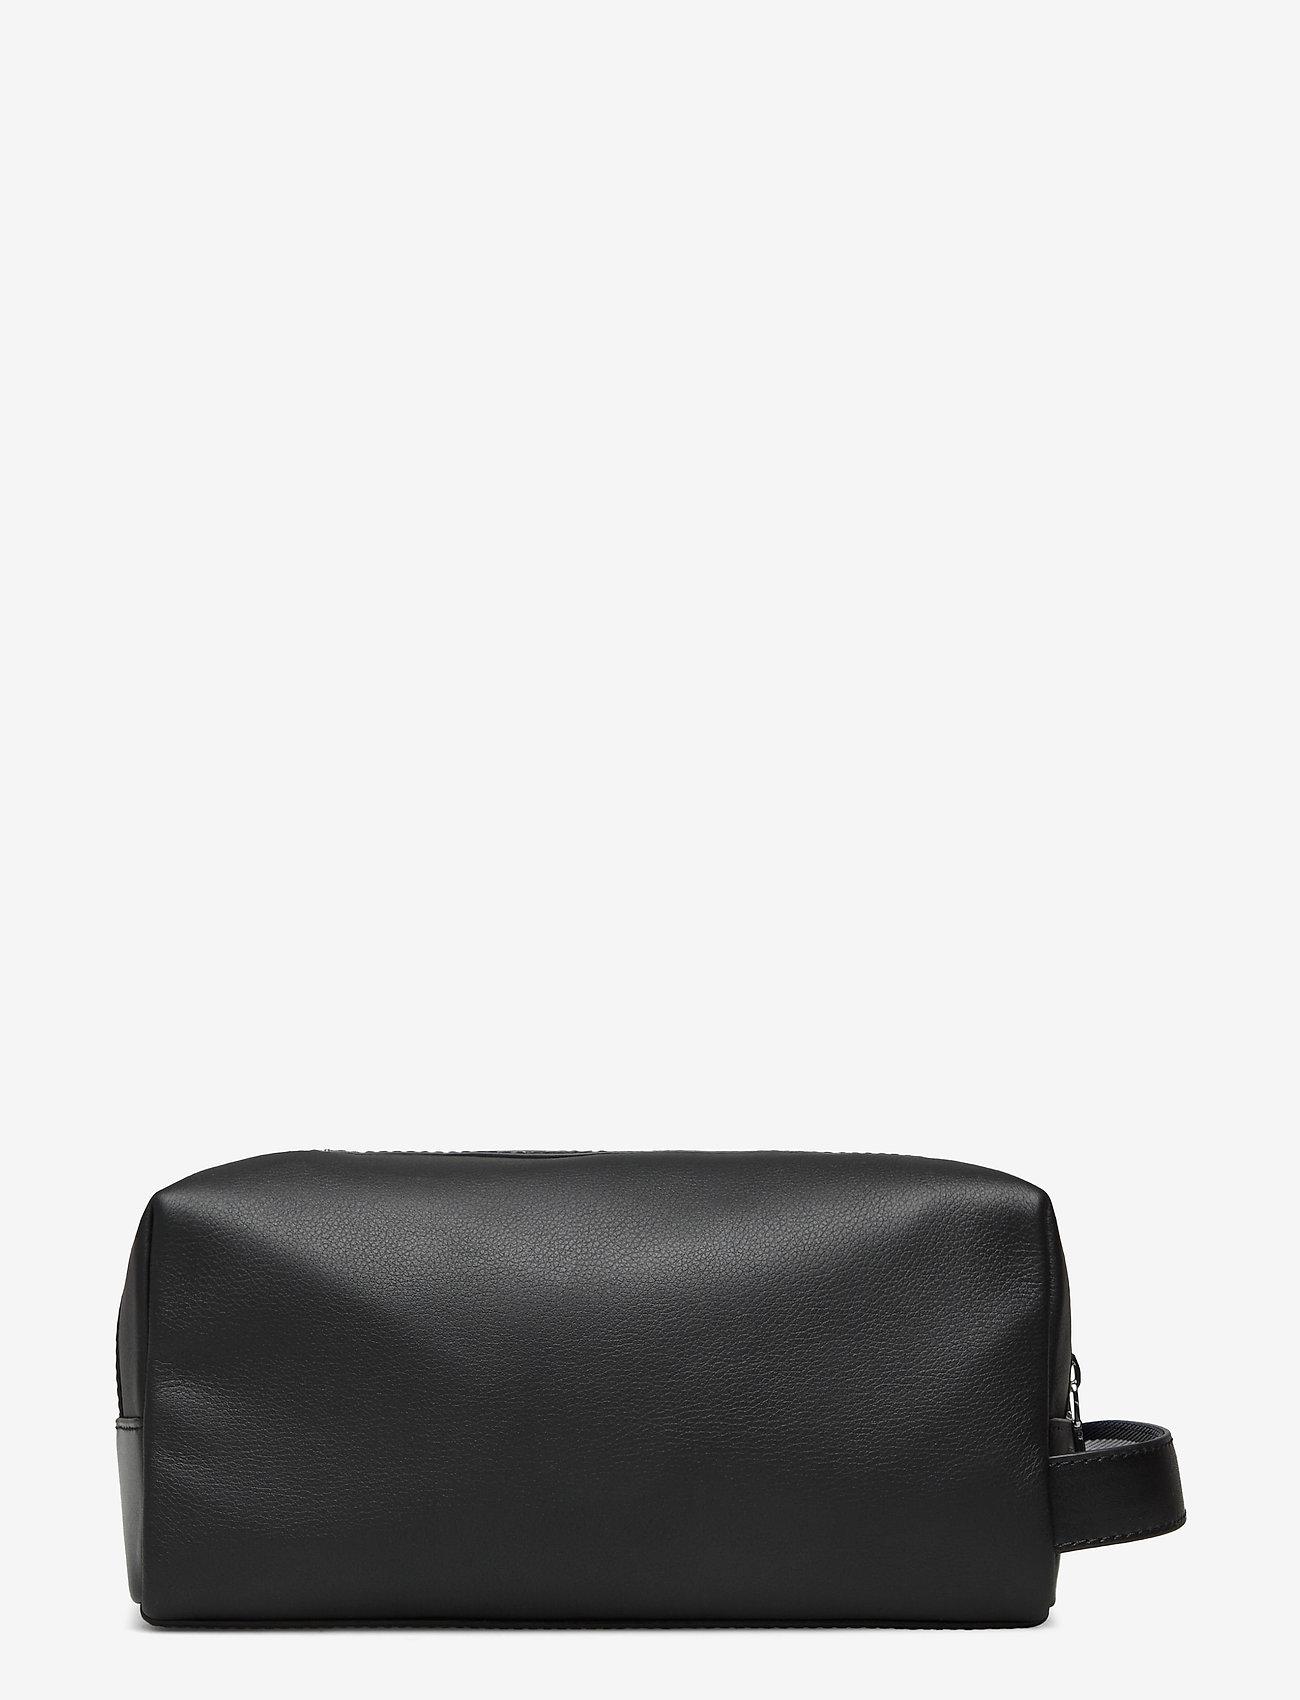 Tommy Hilfiger - LEATHER WASHBAG - bum bags - black - 1